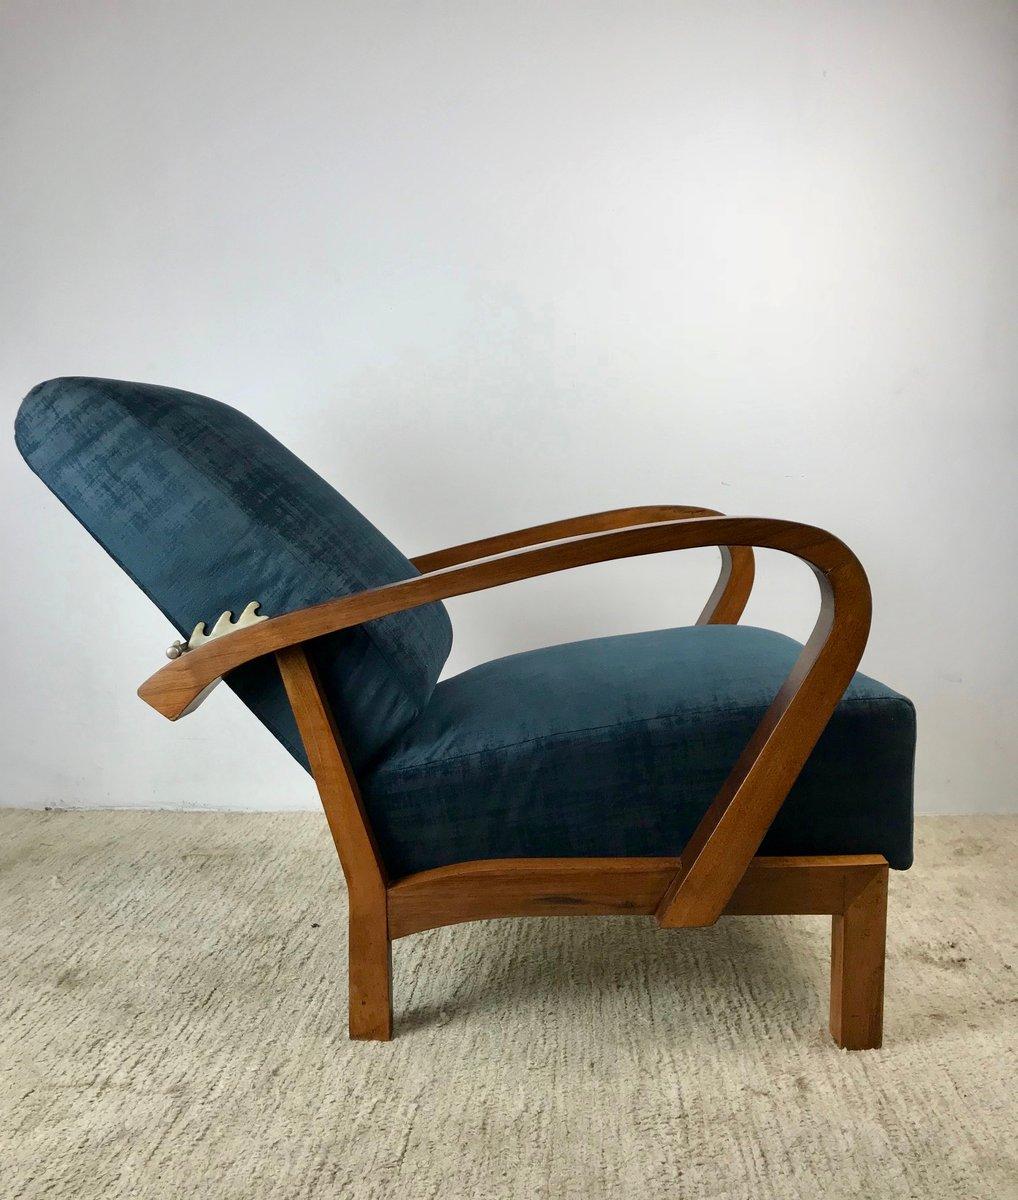 verstellbarer art deco eichenholz sessel 1930er bei. Black Bedroom Furniture Sets. Home Design Ideas